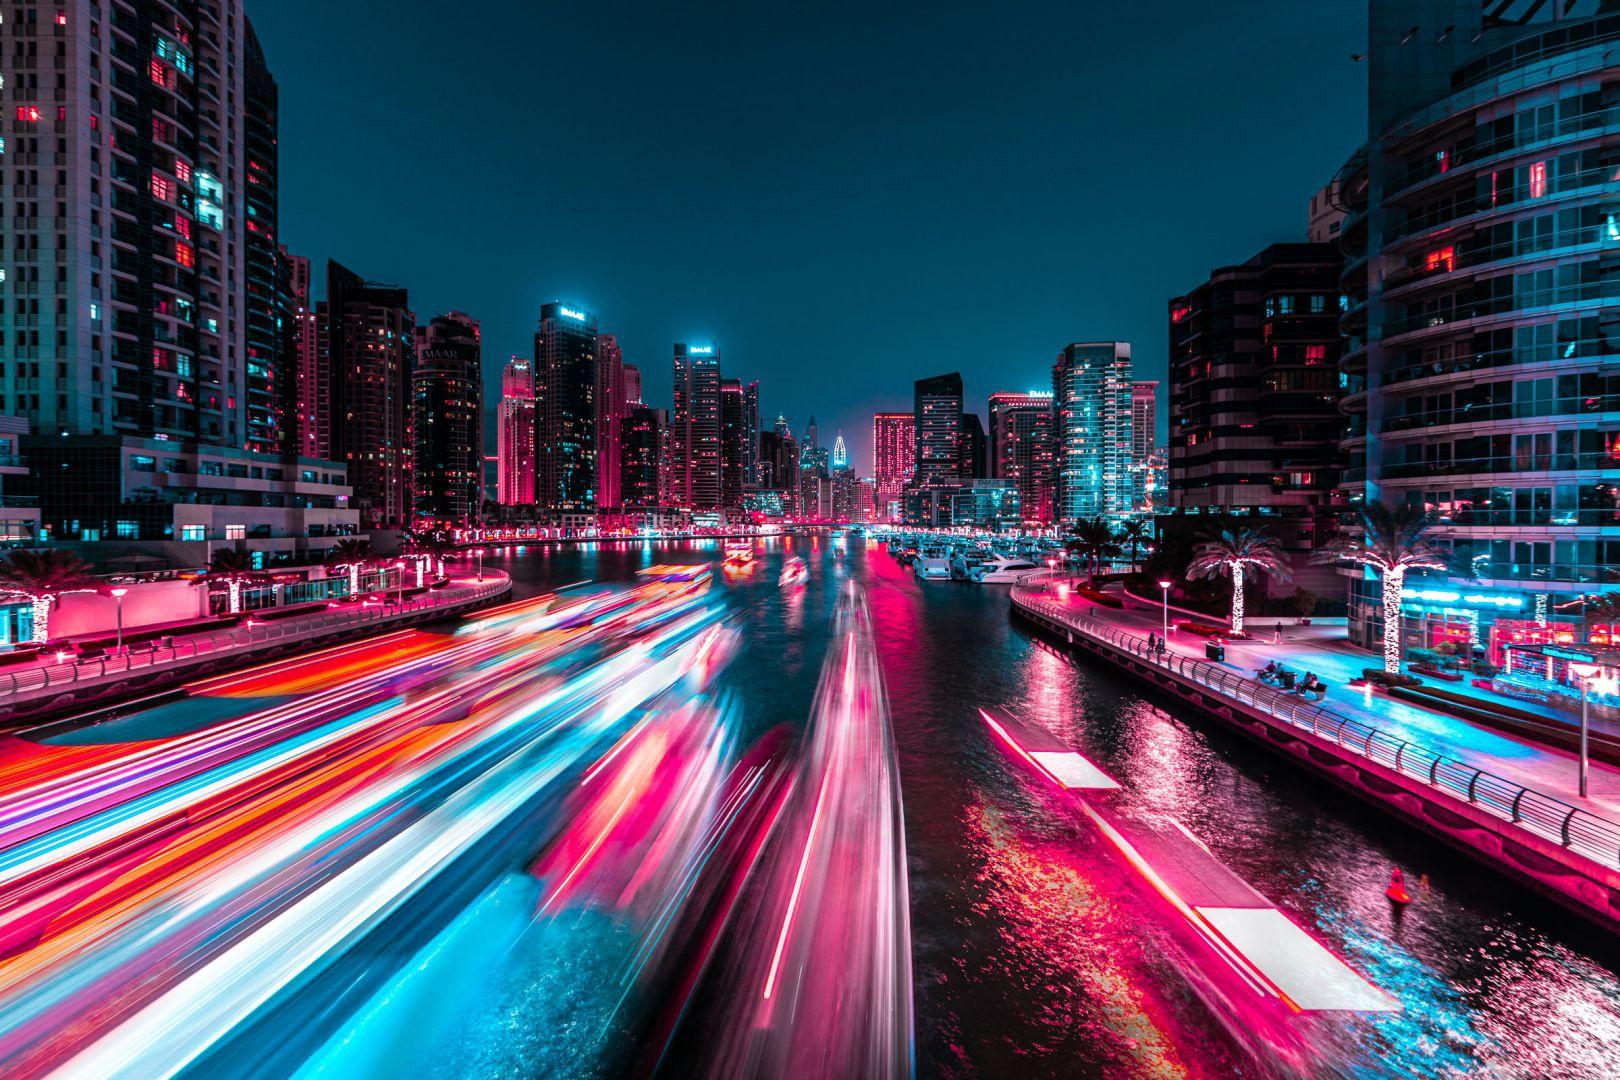 """""""Dubai là nơi hoàn hảo cho dự án Glow. Tôi không có đủ thời gian để khám phá toàn bộ thành phố. Thời tiết ở đây thực sự rất nóng. Đó quả là cơn ác mộng cho ống kính của tôi khi bị dính hơi nước ngưng tụ. Tôi nghĩ mình sẽ thực hiện một bộ ảnh khác trong tương lai khi điều kiện tốt hơn"""", anh chia sẻ."""